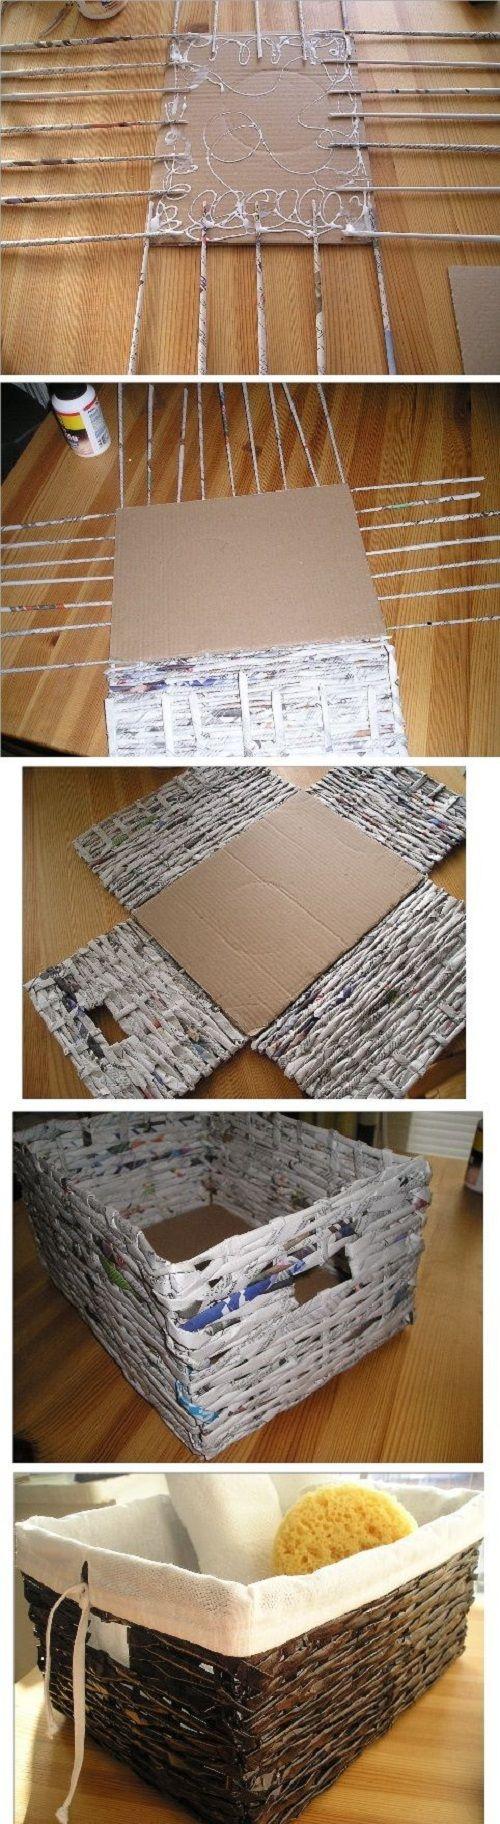 Cum sa faci cosulete din hartie de ziar - 12 idei creative Ai o colectie de ziare si nu stii ce sa faci cu ea? Urmareste cateva idei creative in articolul de astazi si transforma-le in cosulete de hartie http://ideipentrucasa.ro/cum-sa-faci-cosulete-din-hartie-de-ziar-12-idei-creative/